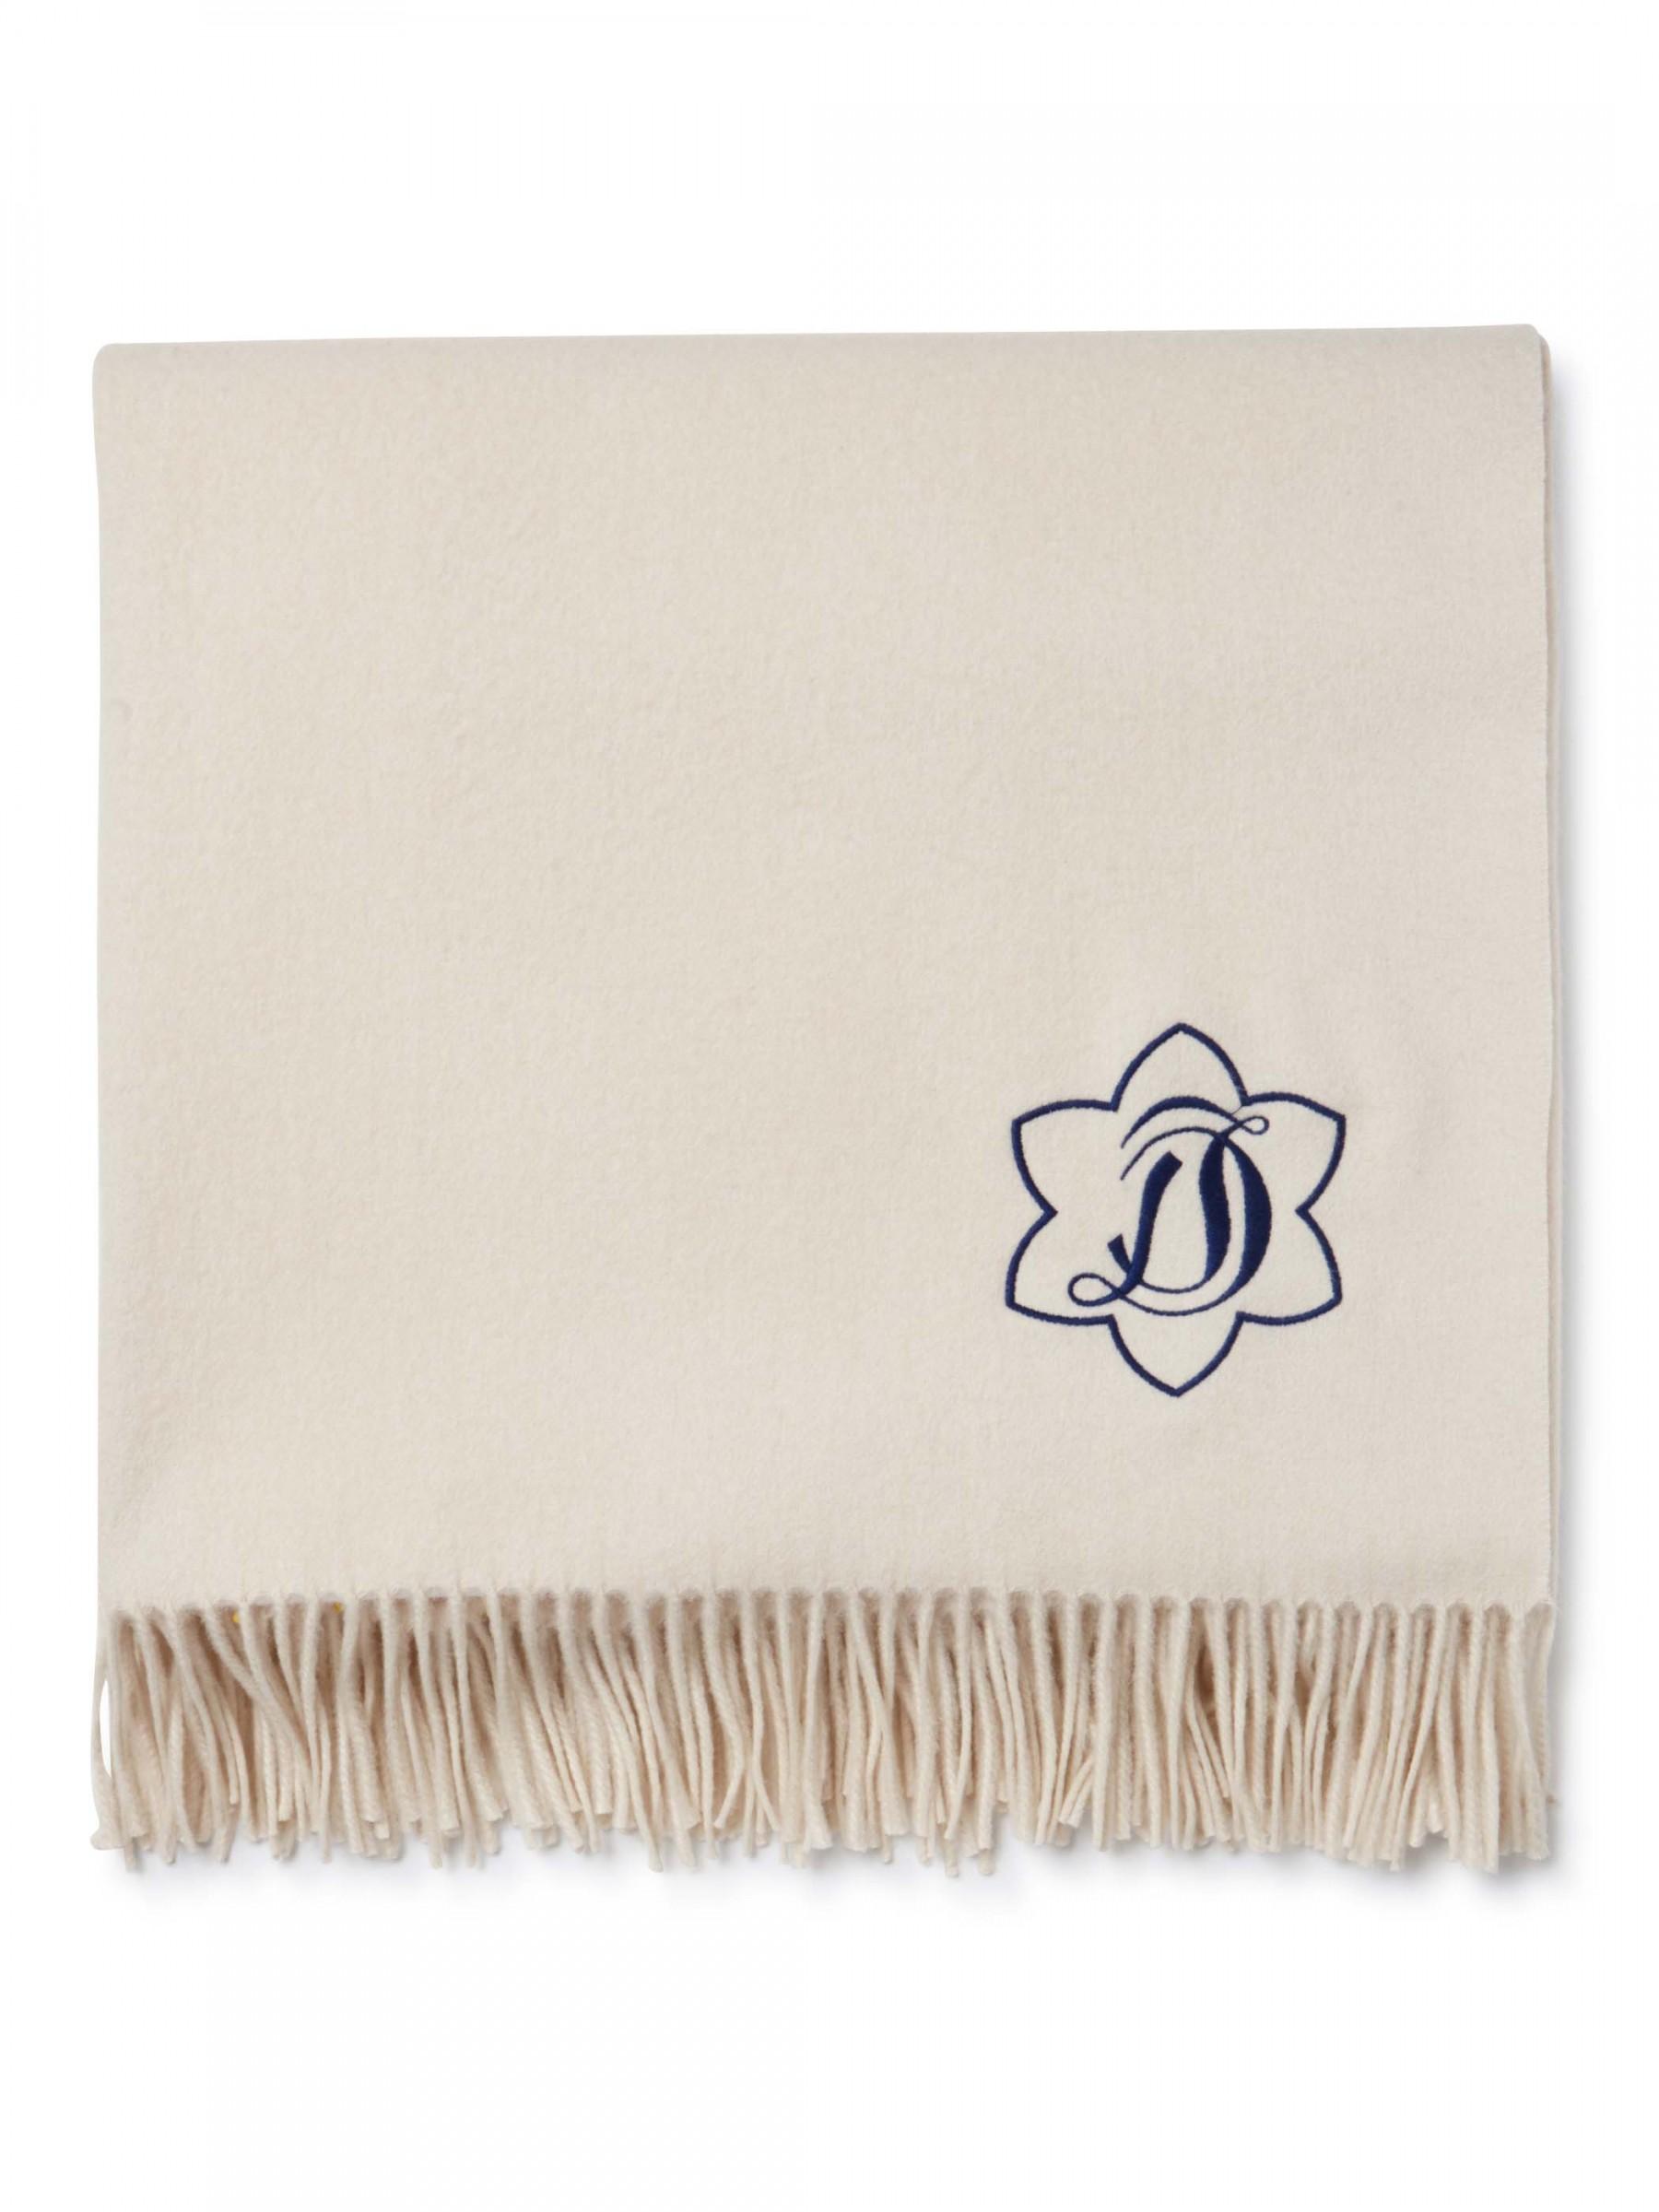 tx0001_magnolia_white_1_10